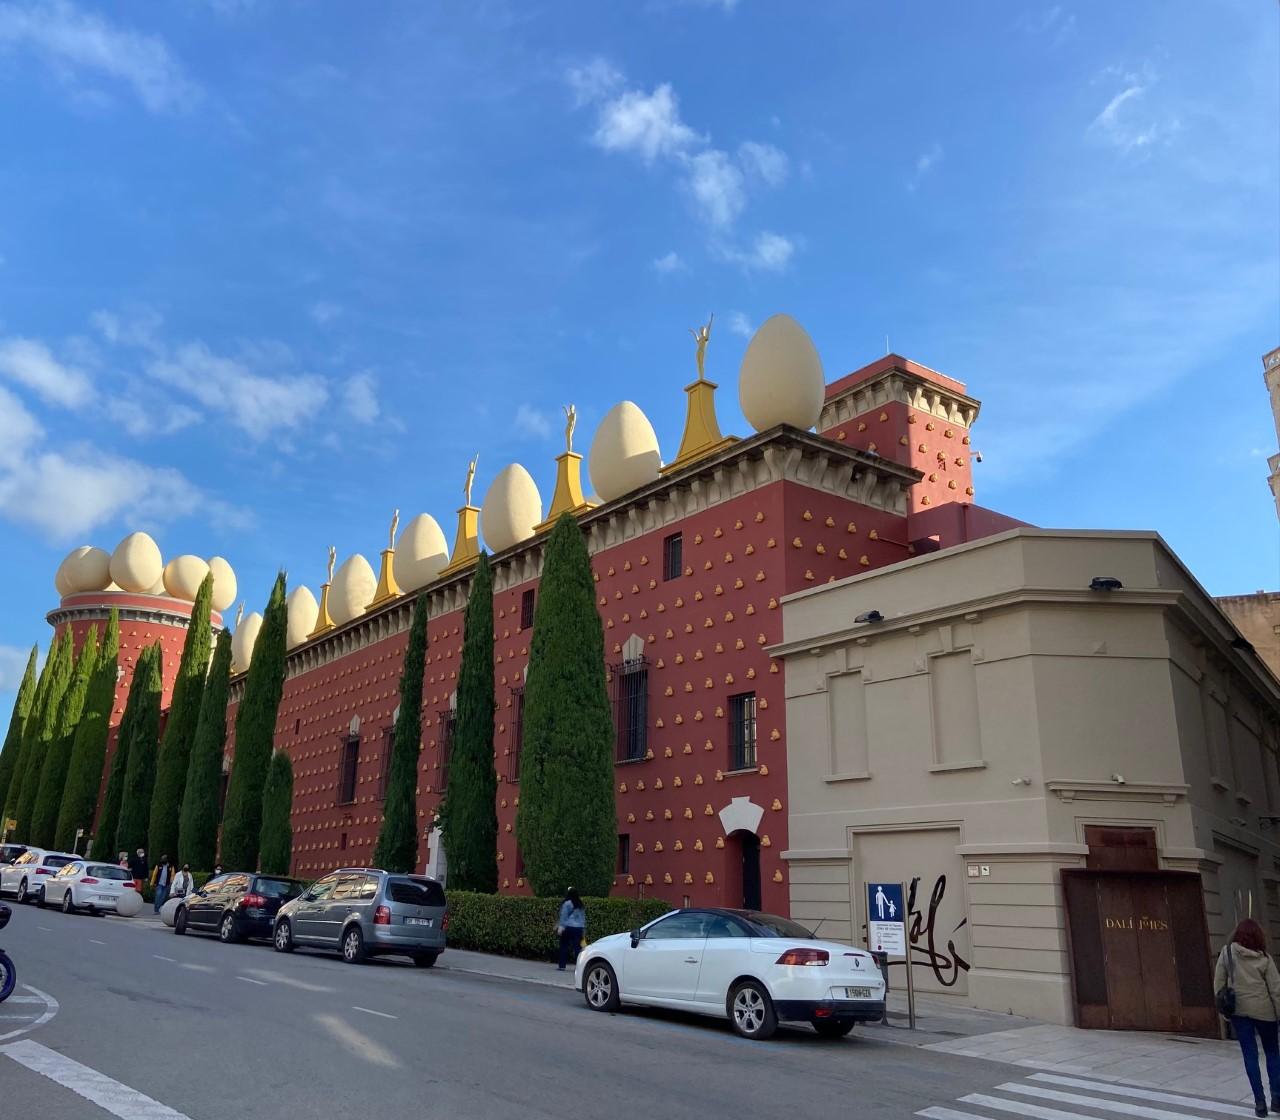 Musée Dali, Figueras-DR SHD